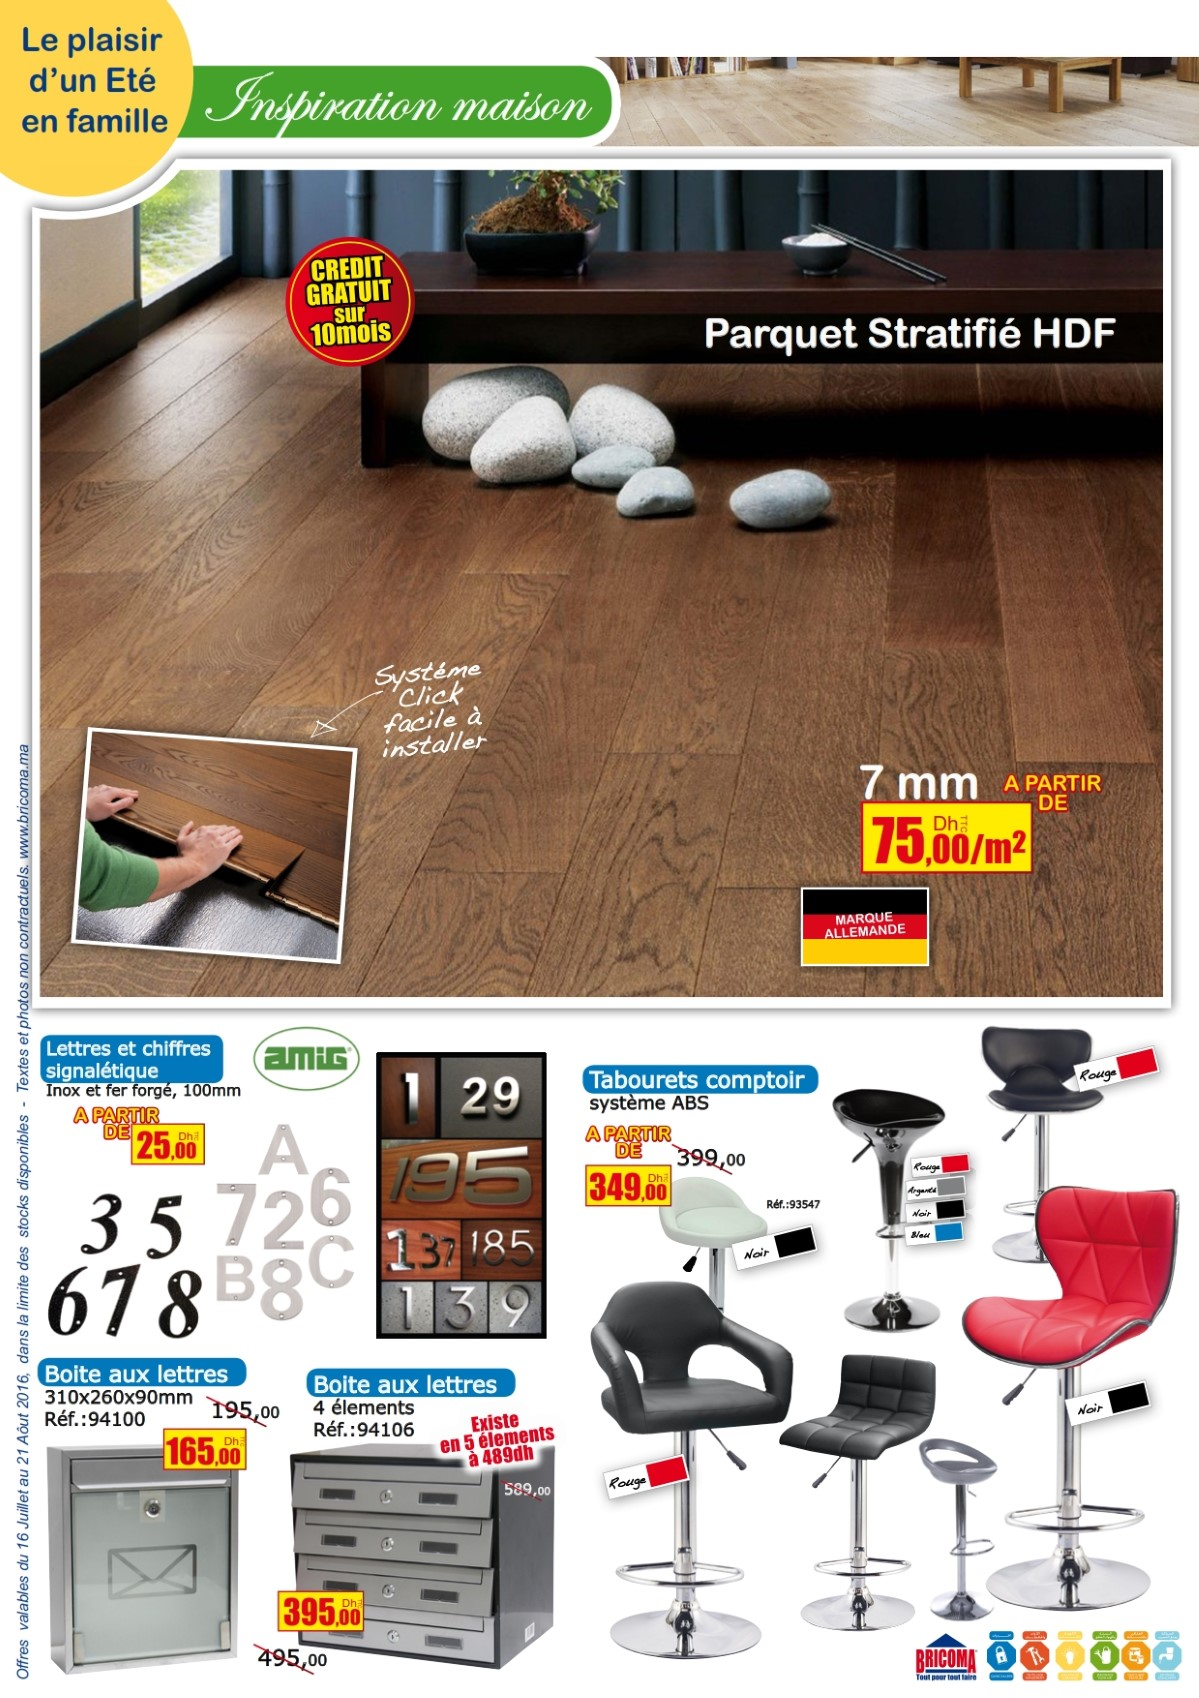 brochure_N_47_interactif_015